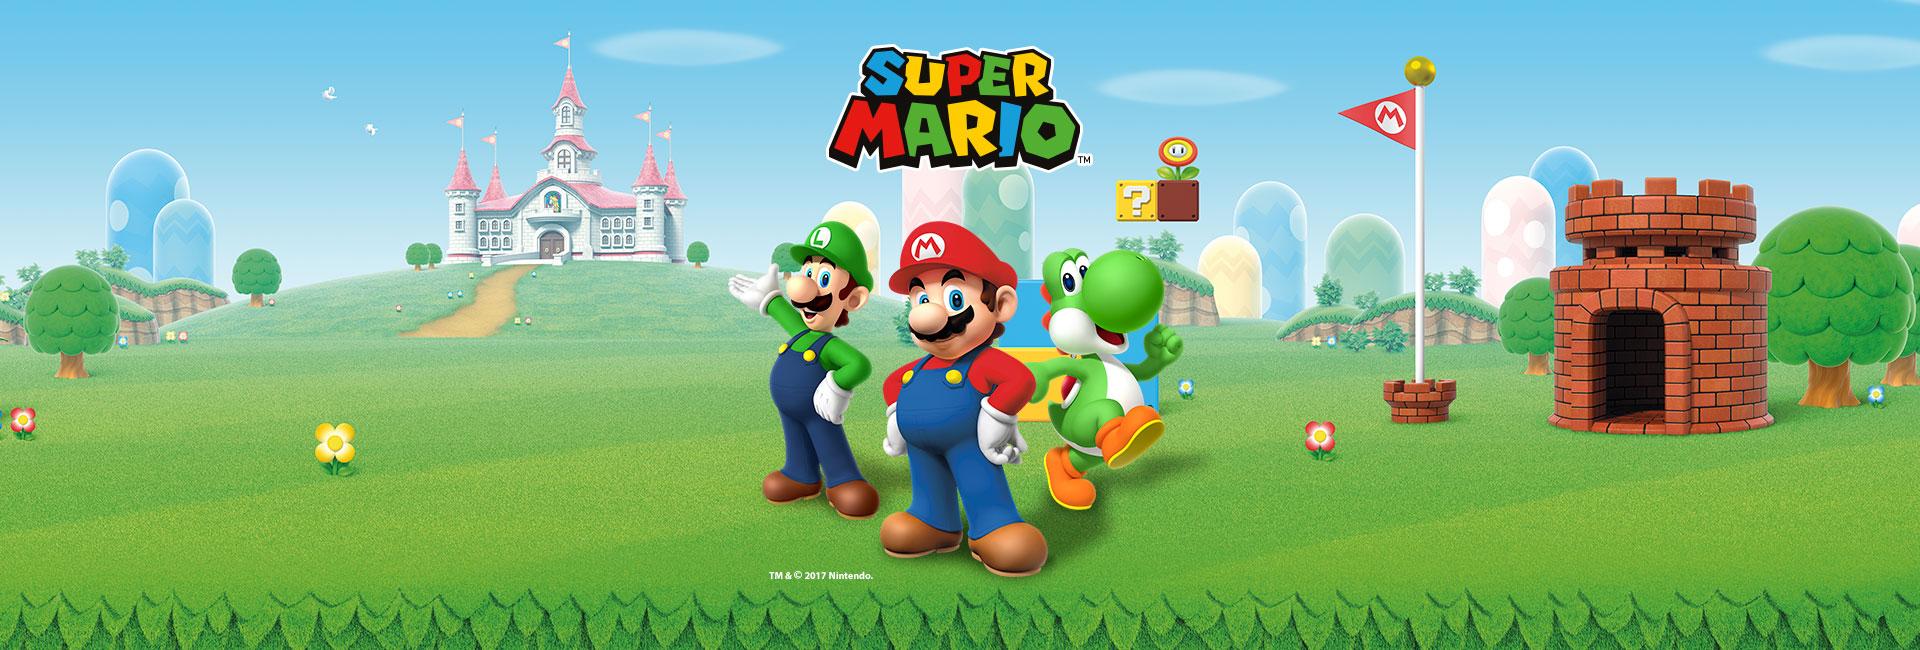 Super Mario | Filme de Super Mario Bros. chega em 2022 com Shigeru Miyamoto na criação